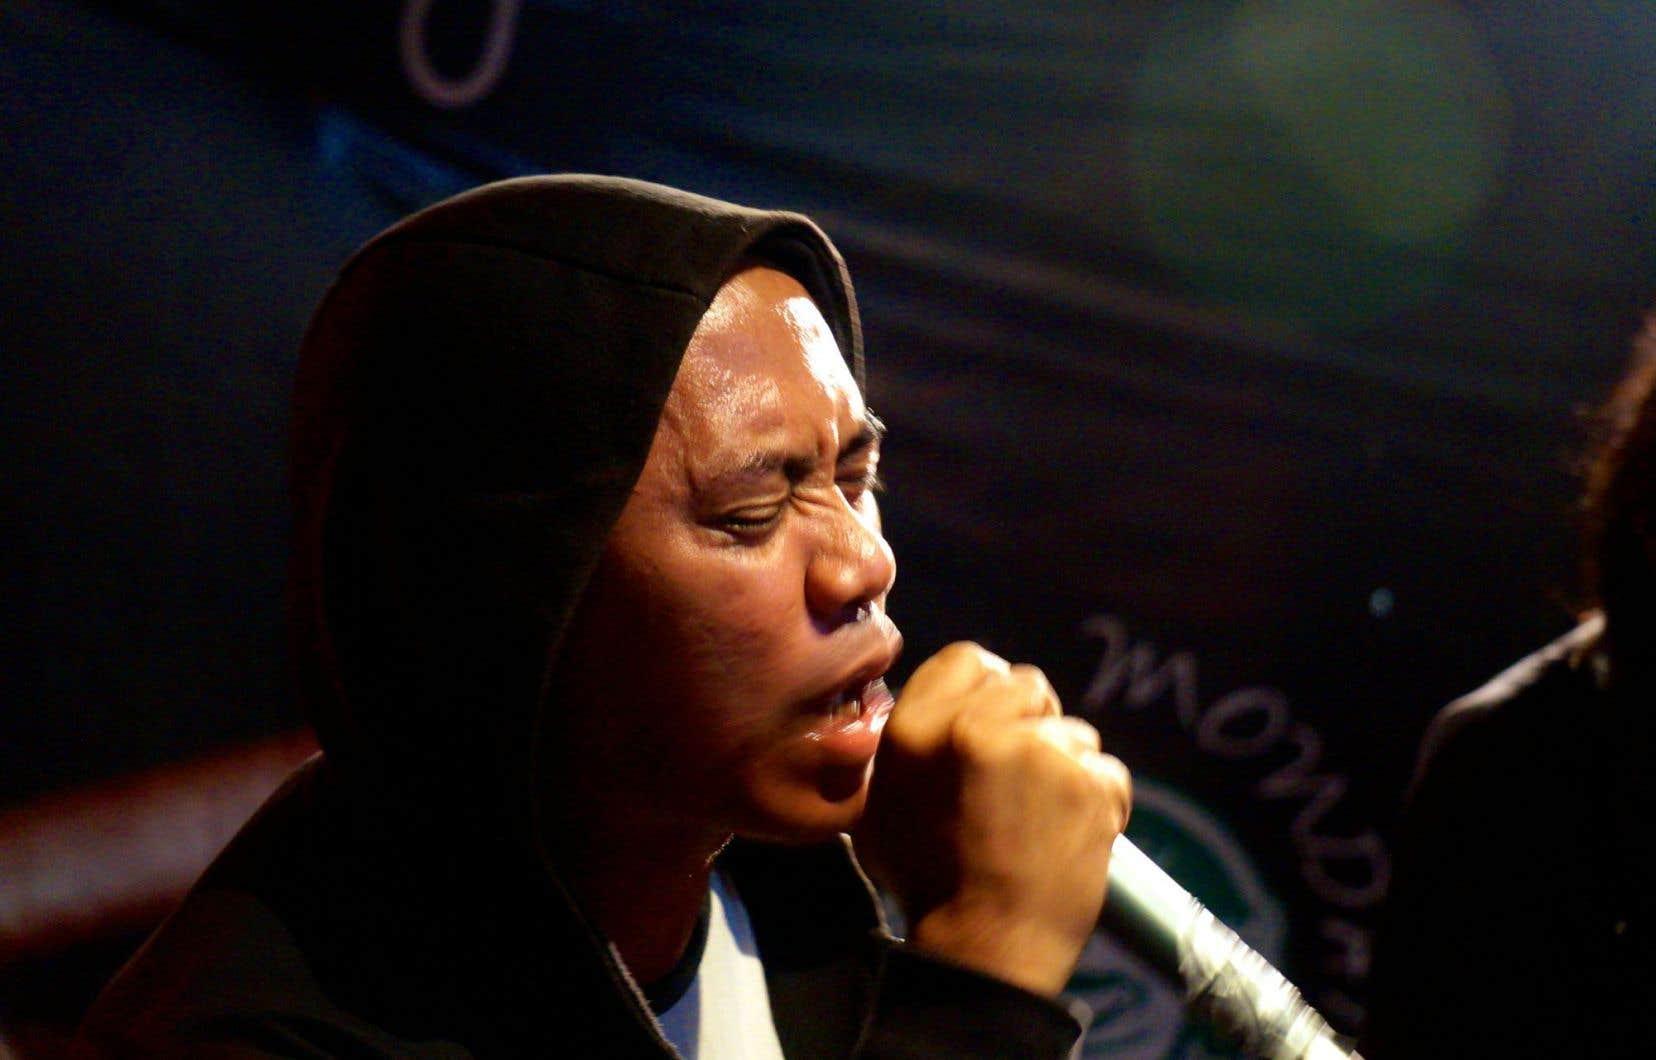 Senyawa part de la musique traditionnelle de l'île de Java pour l'amener vers la musique expérimentale, noise, hardcore, métal, alors que la voix du chanteur passe d'un falsetto précis à des chants gutturaux.